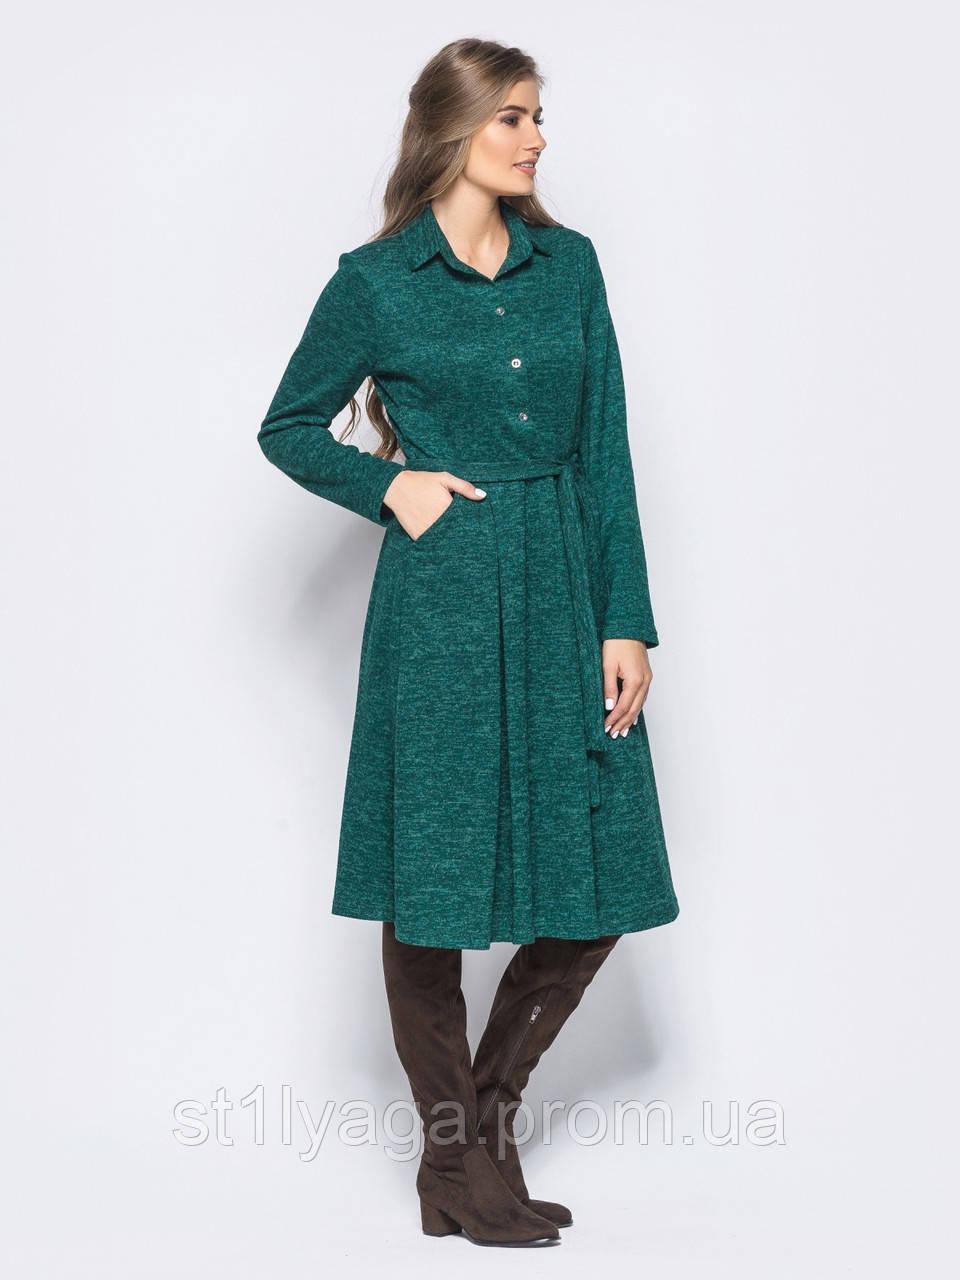 Комфортное трикотажное платье в стиле casual с накладными карманами и поясом зеленое в комплекте